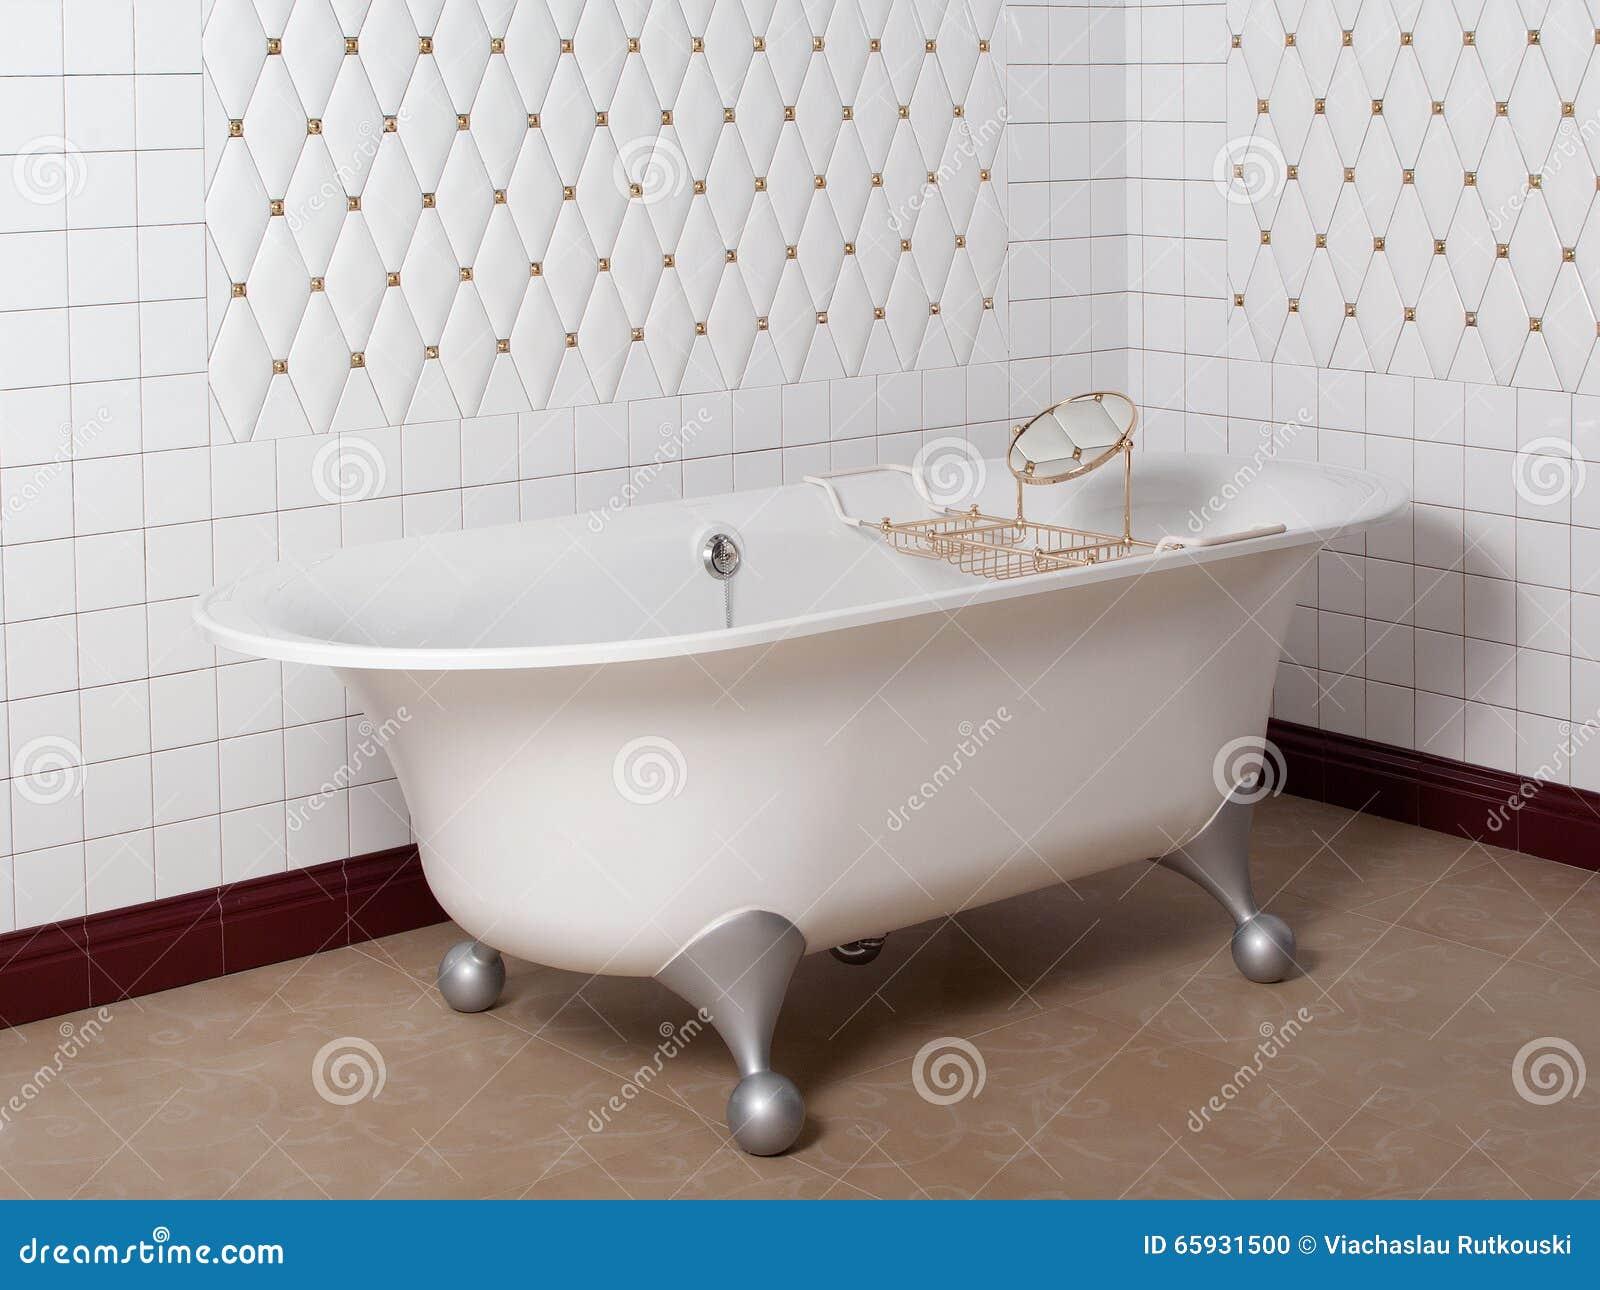 Applique moderni - Piastrelle bagno lucide o opache ...